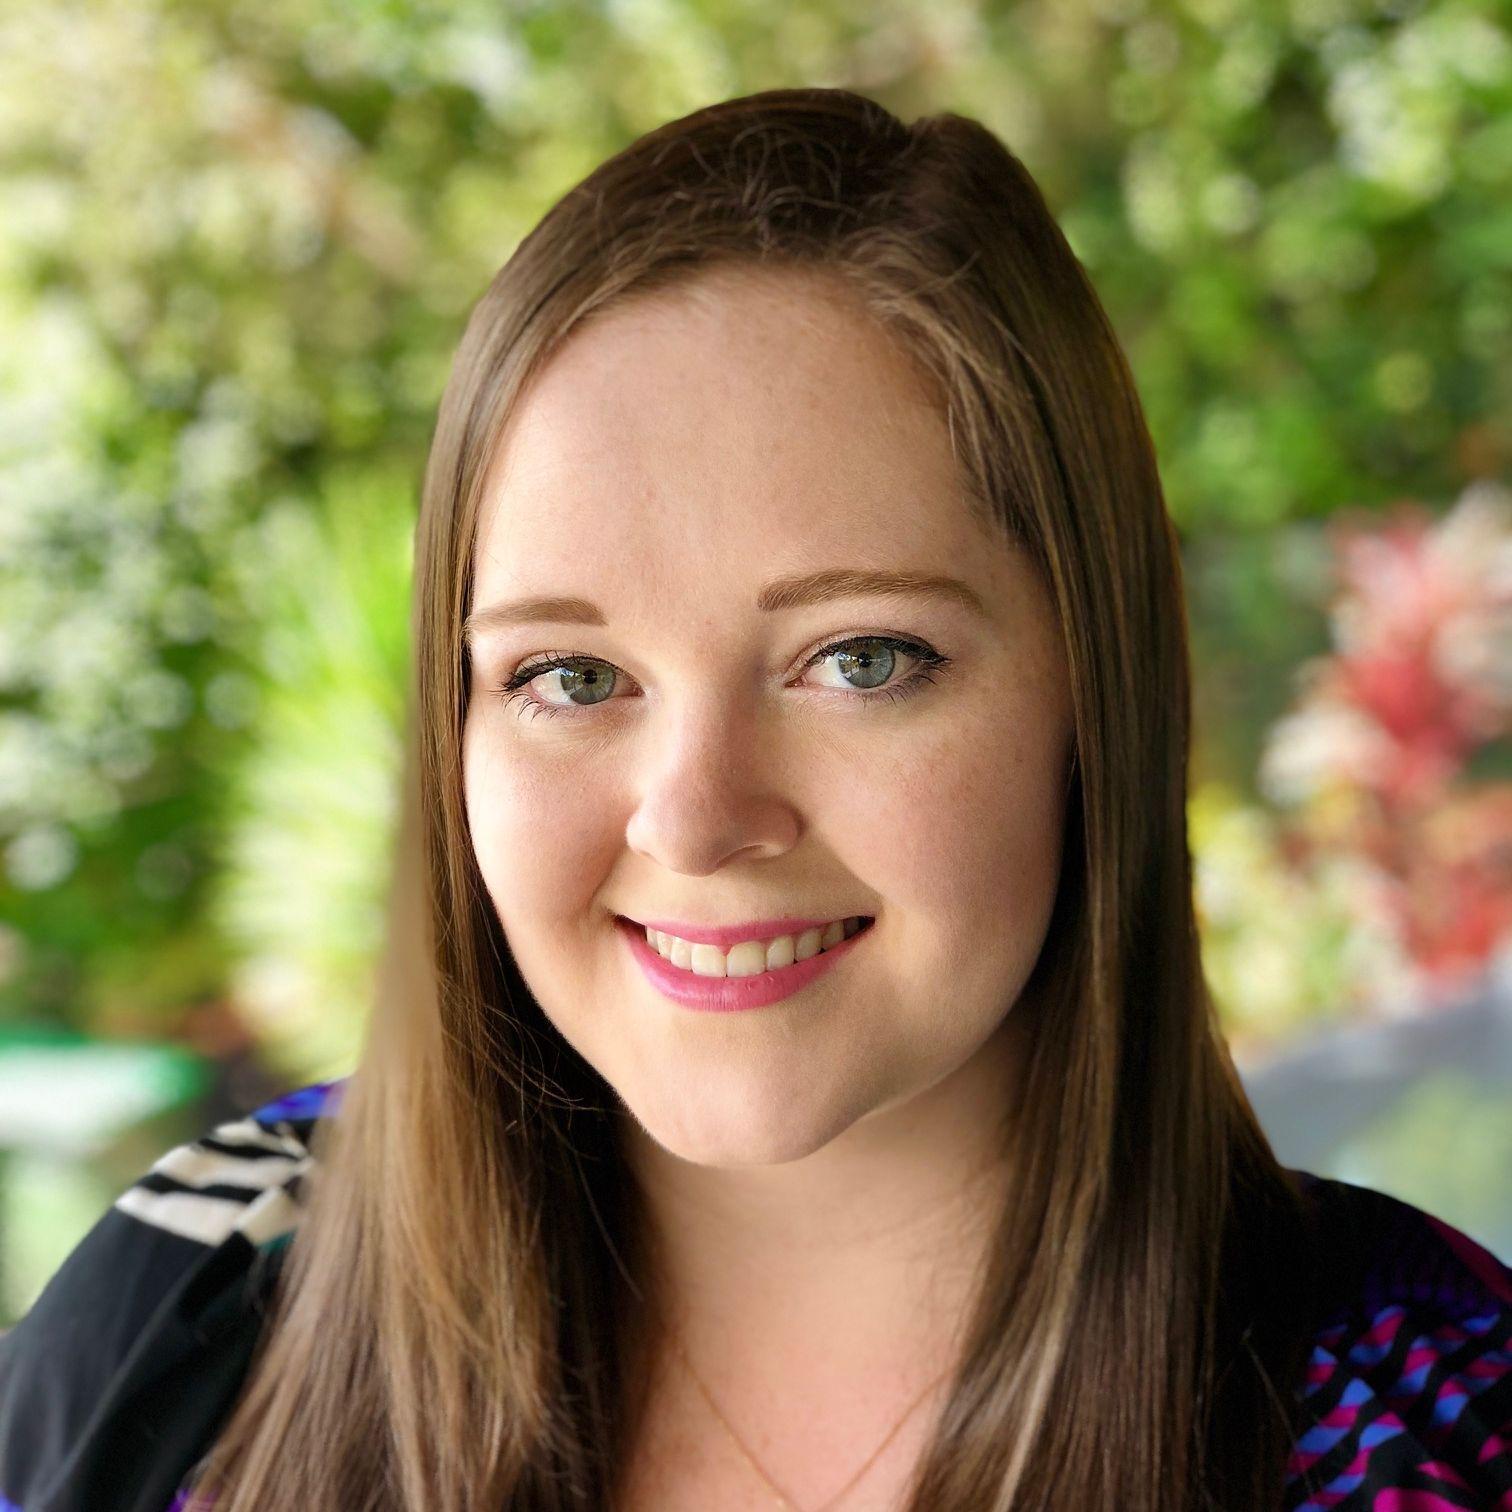 Maddie Swannell